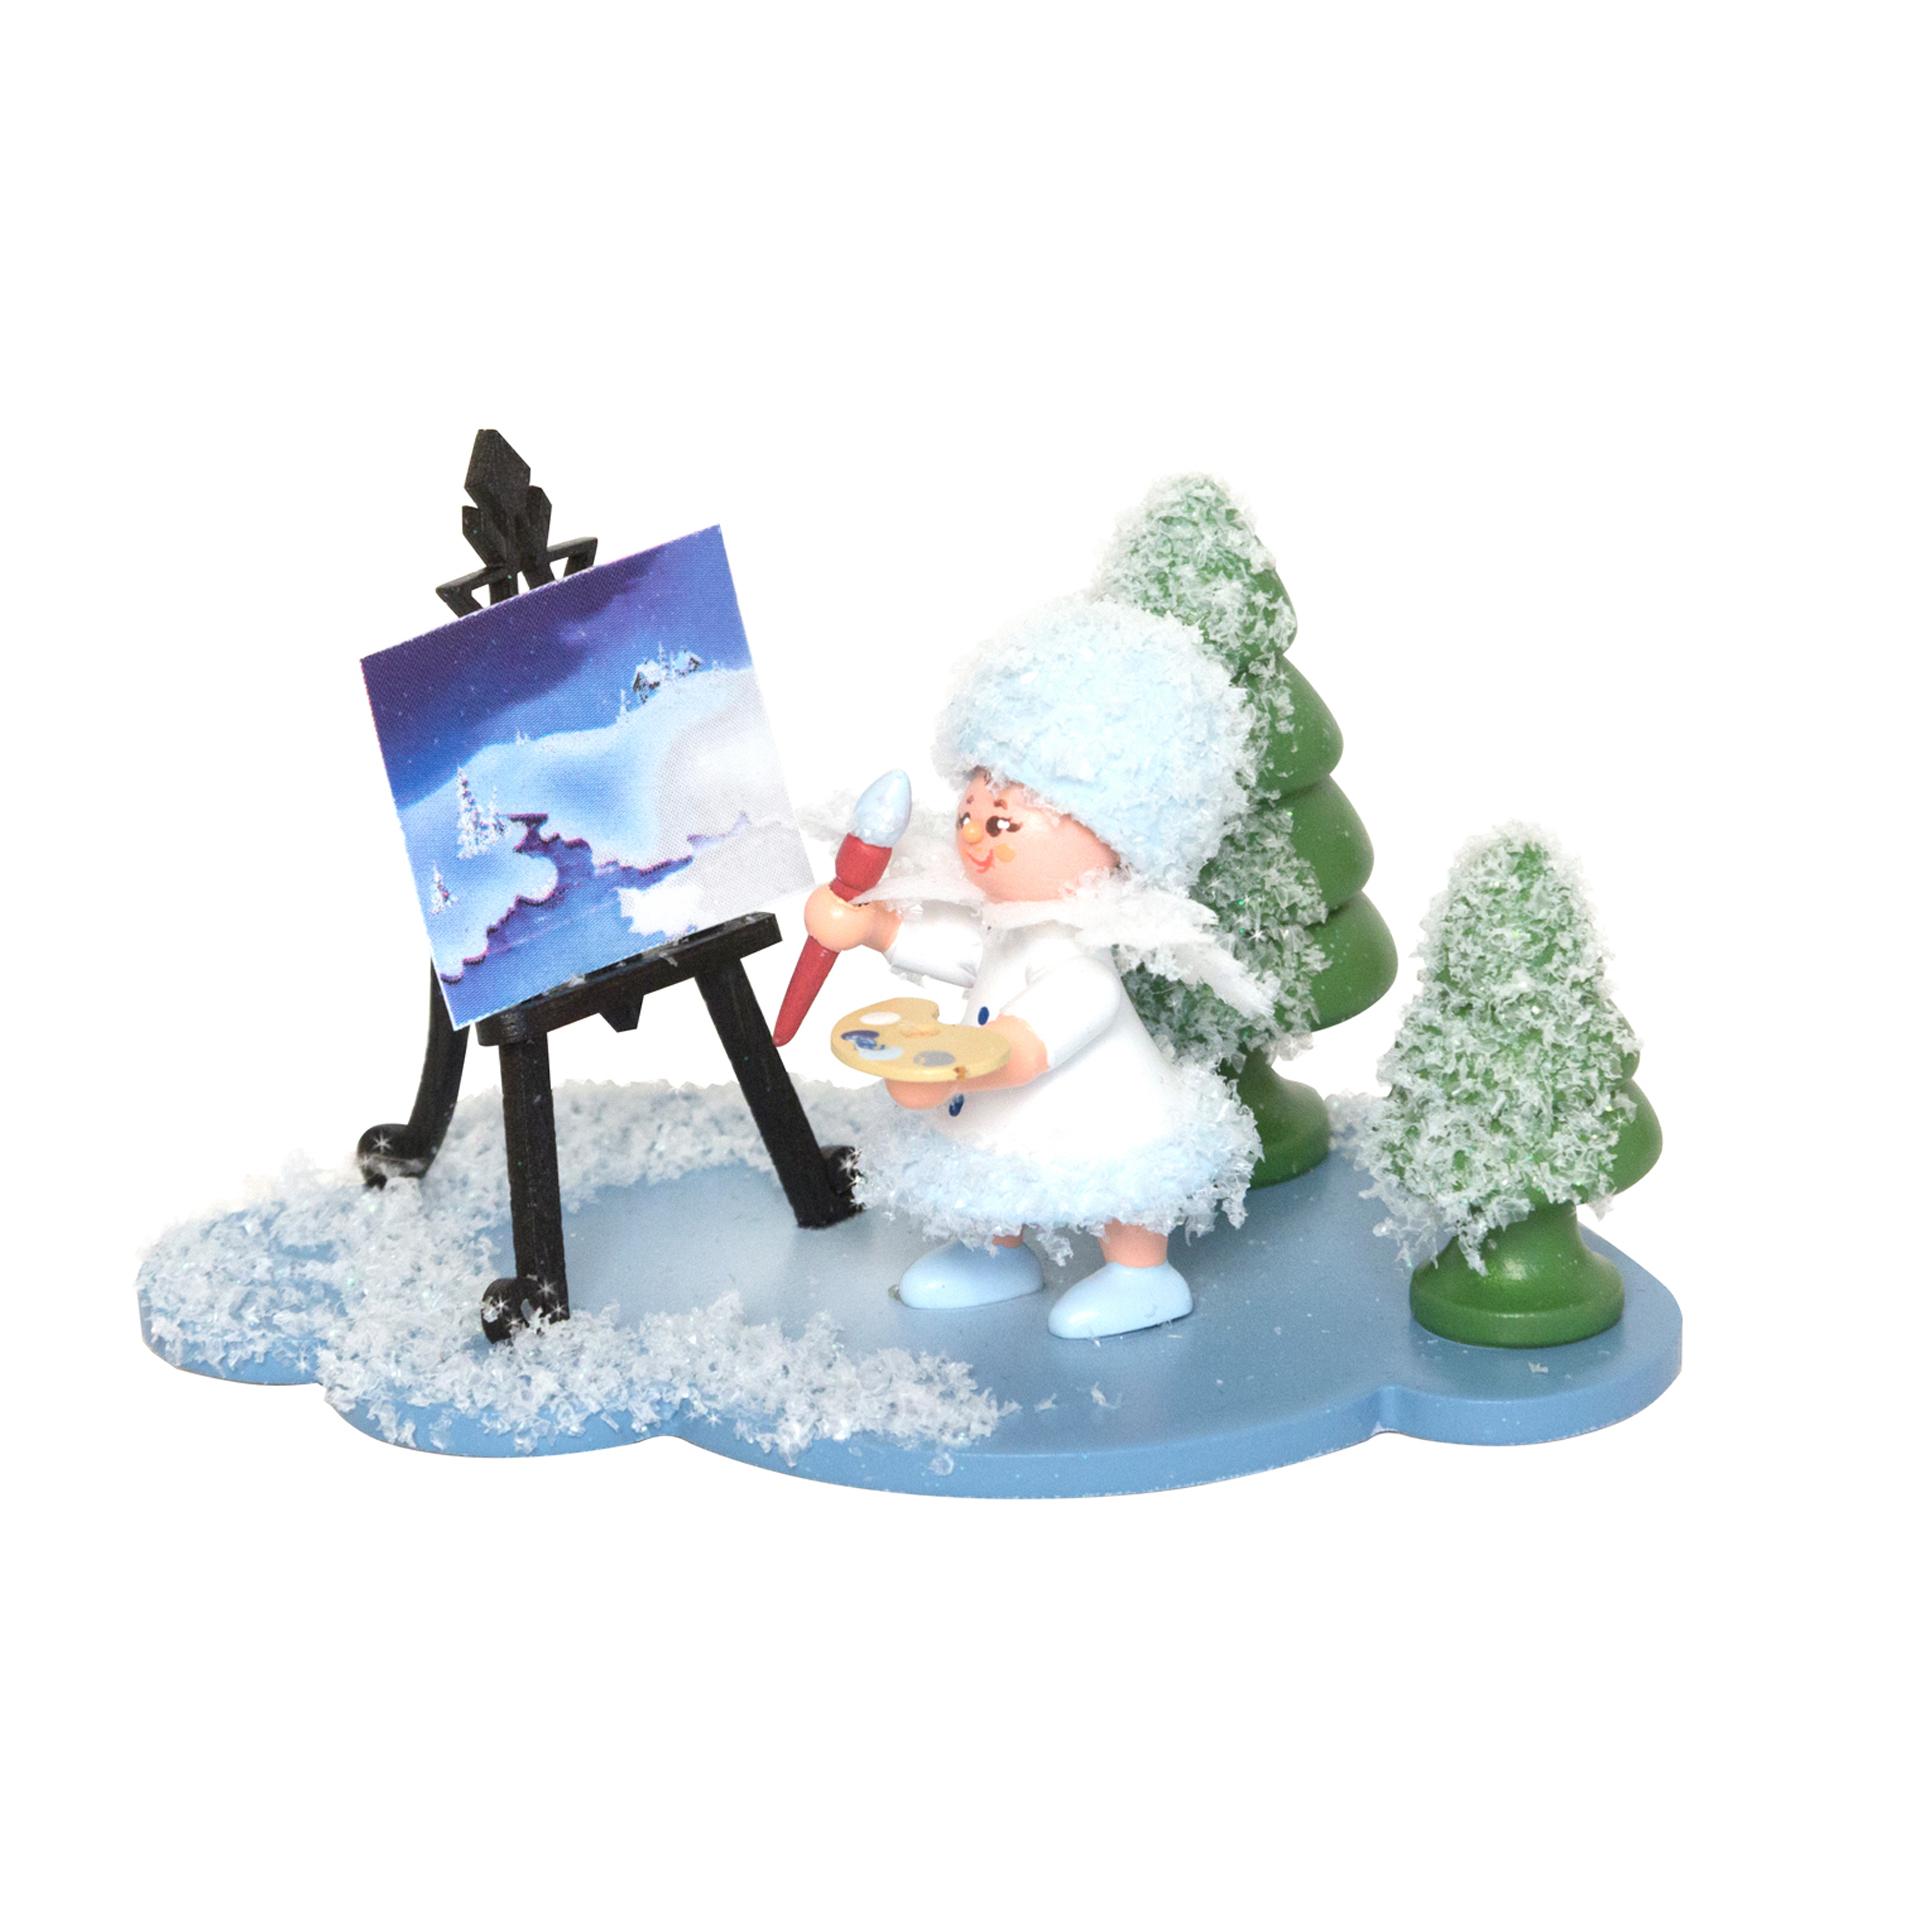 Schneeflöckchen Künstler mit Staffelei